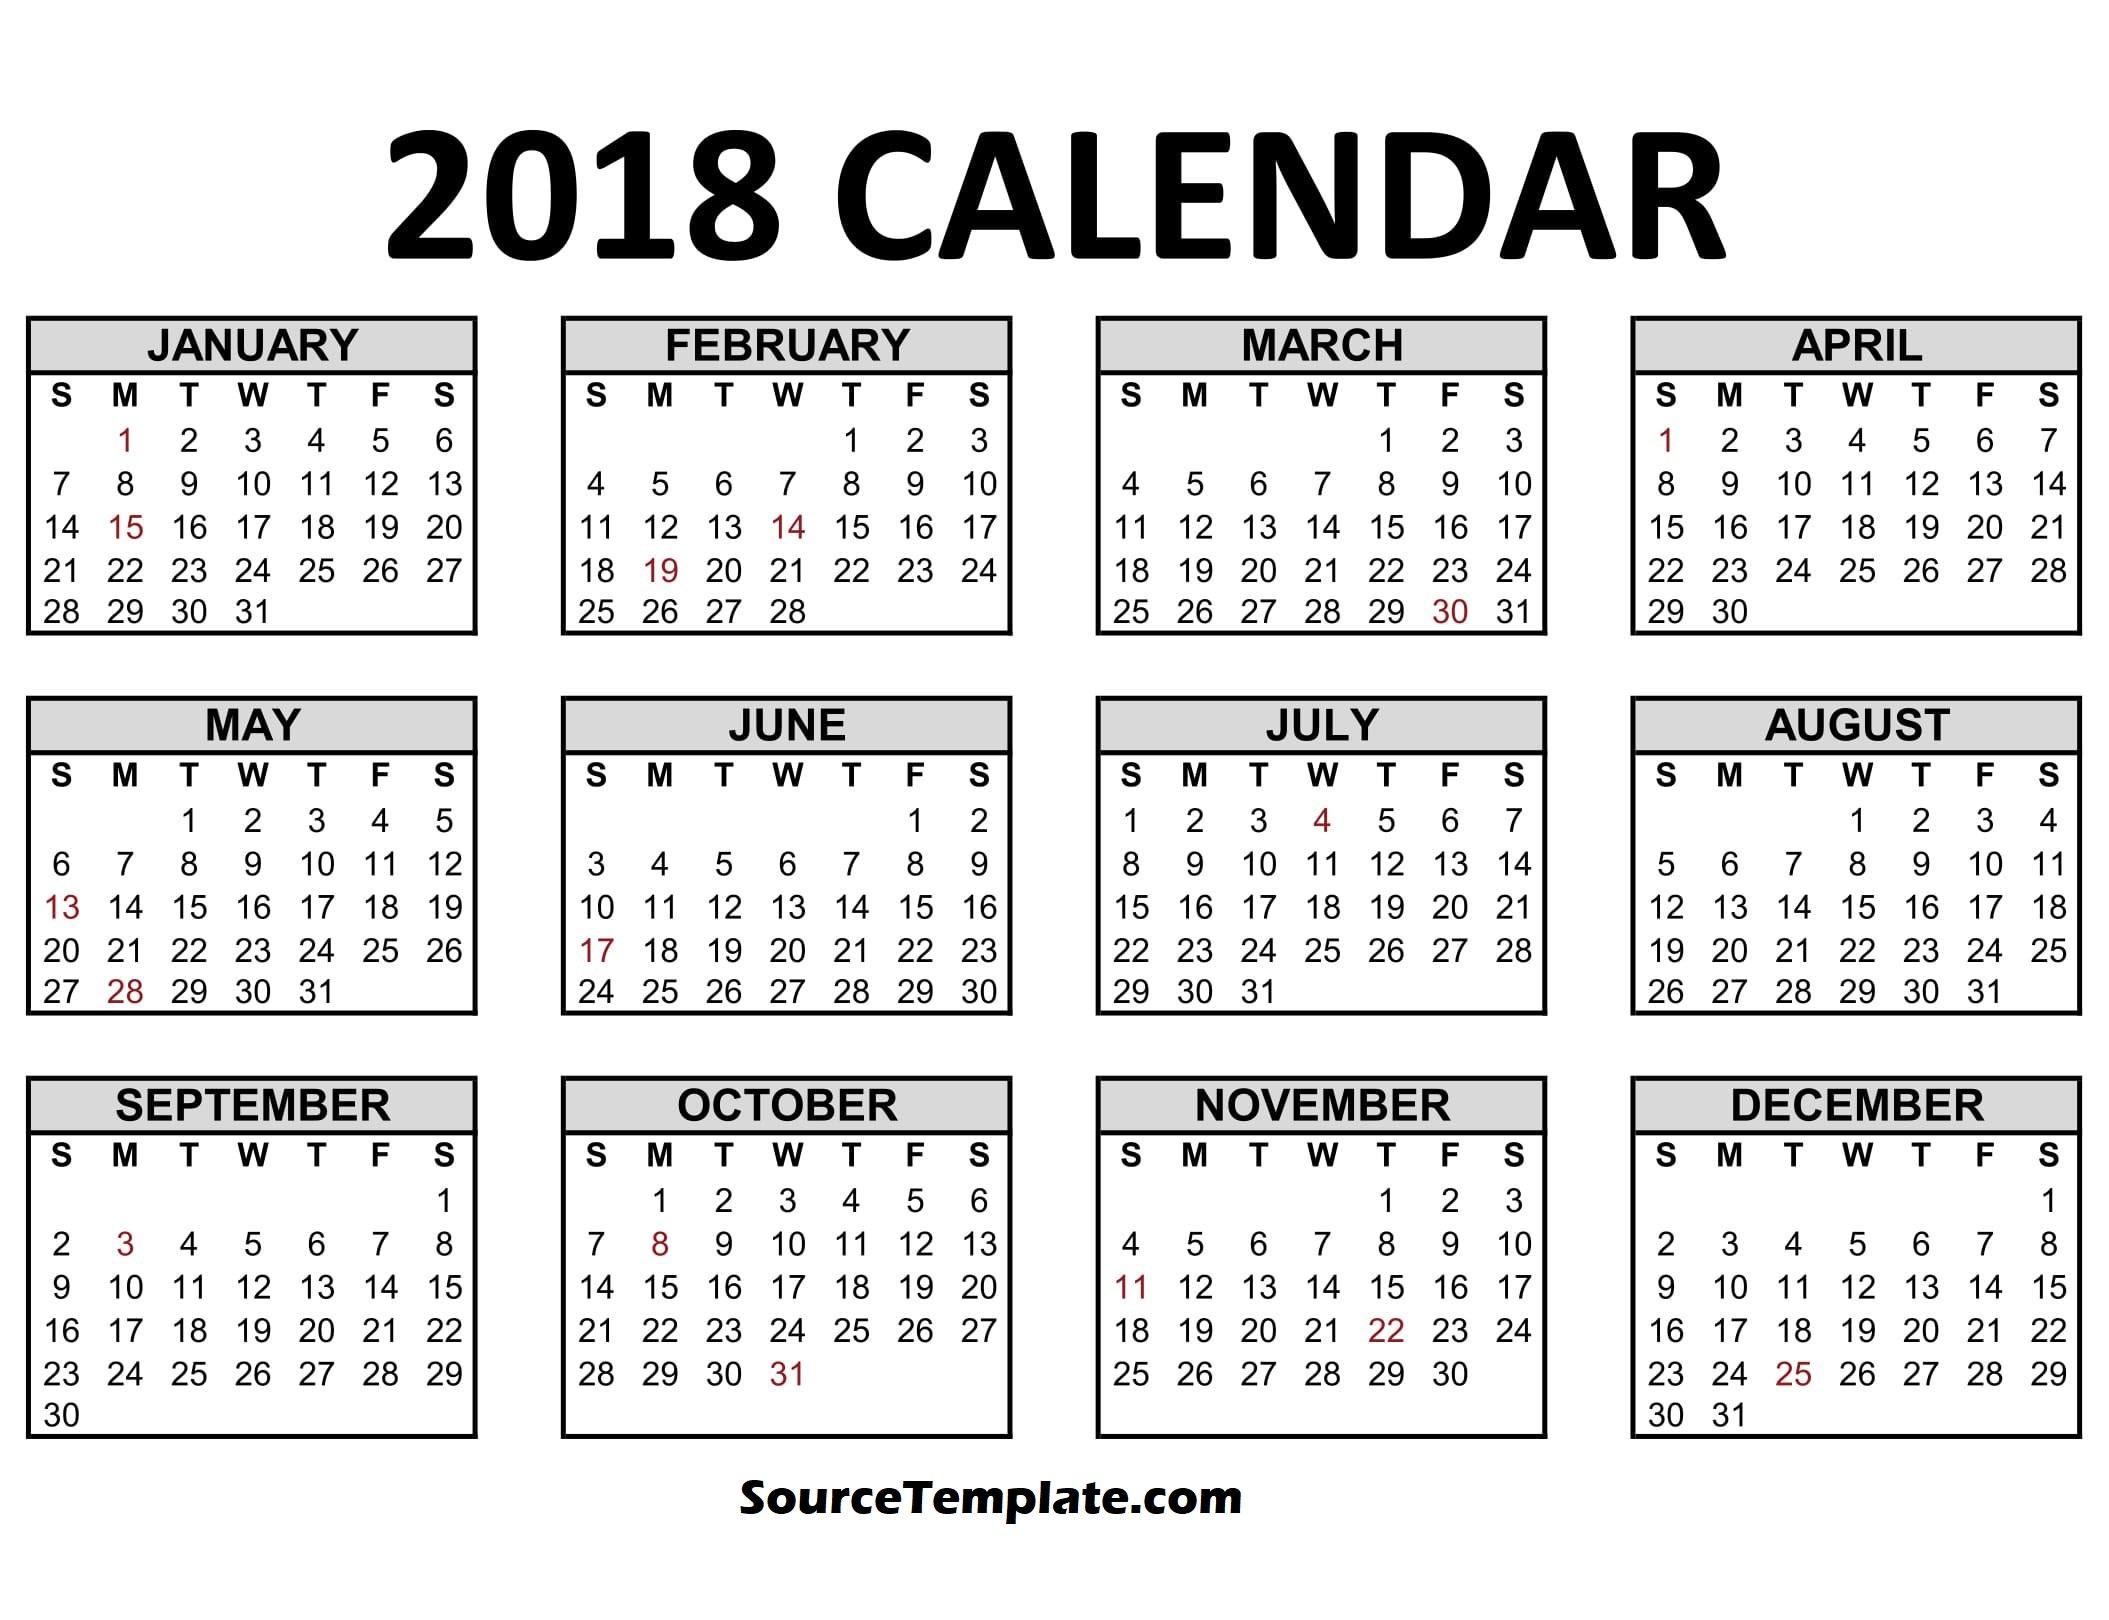 January 2018 Calendar Clipart.